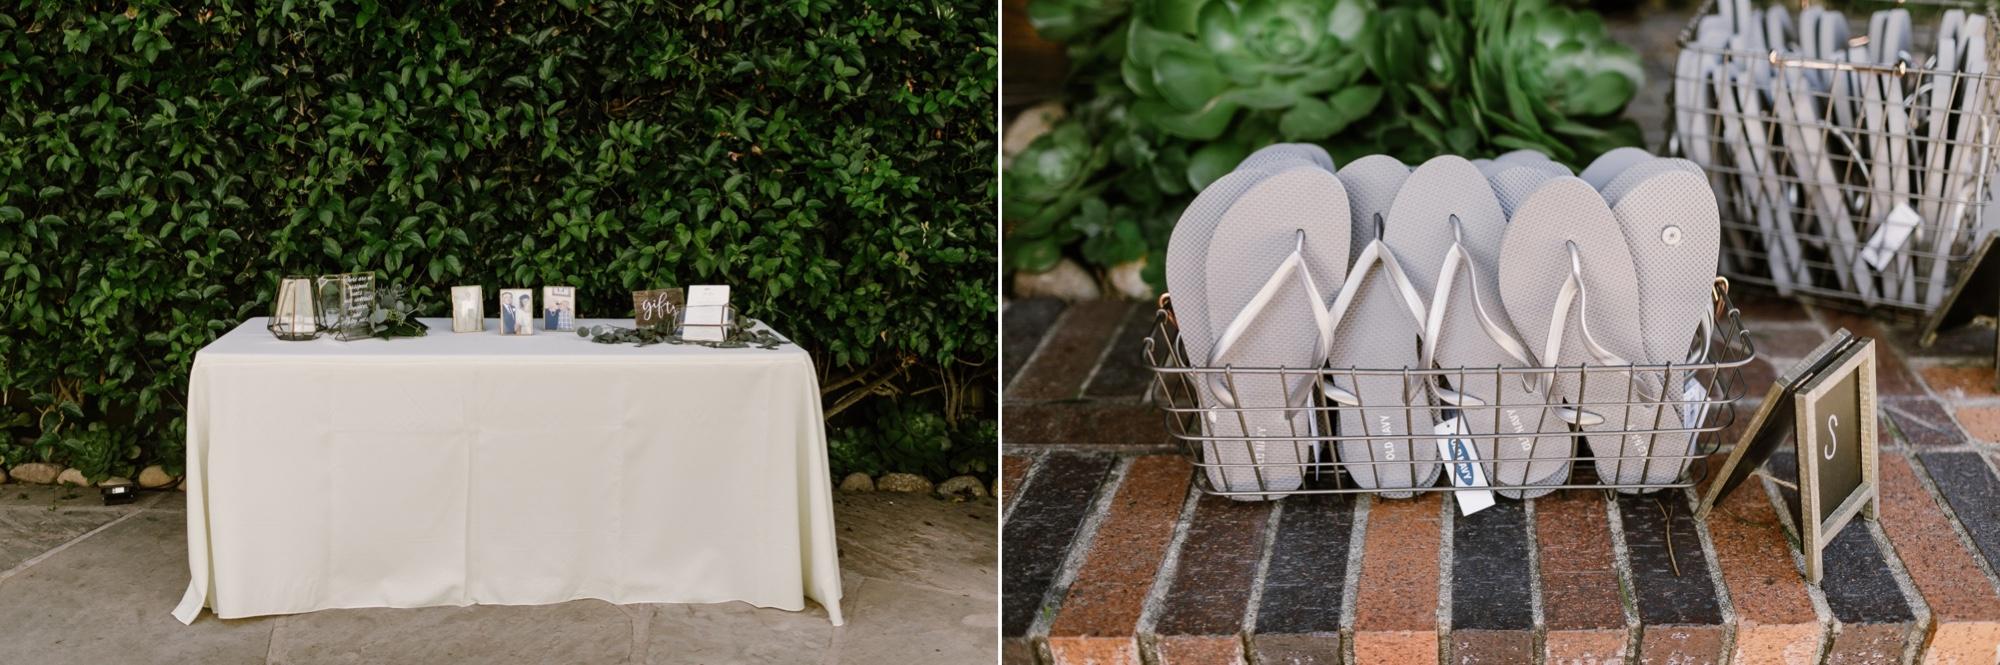 20_Ally and Tommy's Wedding-55_Ally and Tommy's Wedding-57.jpg